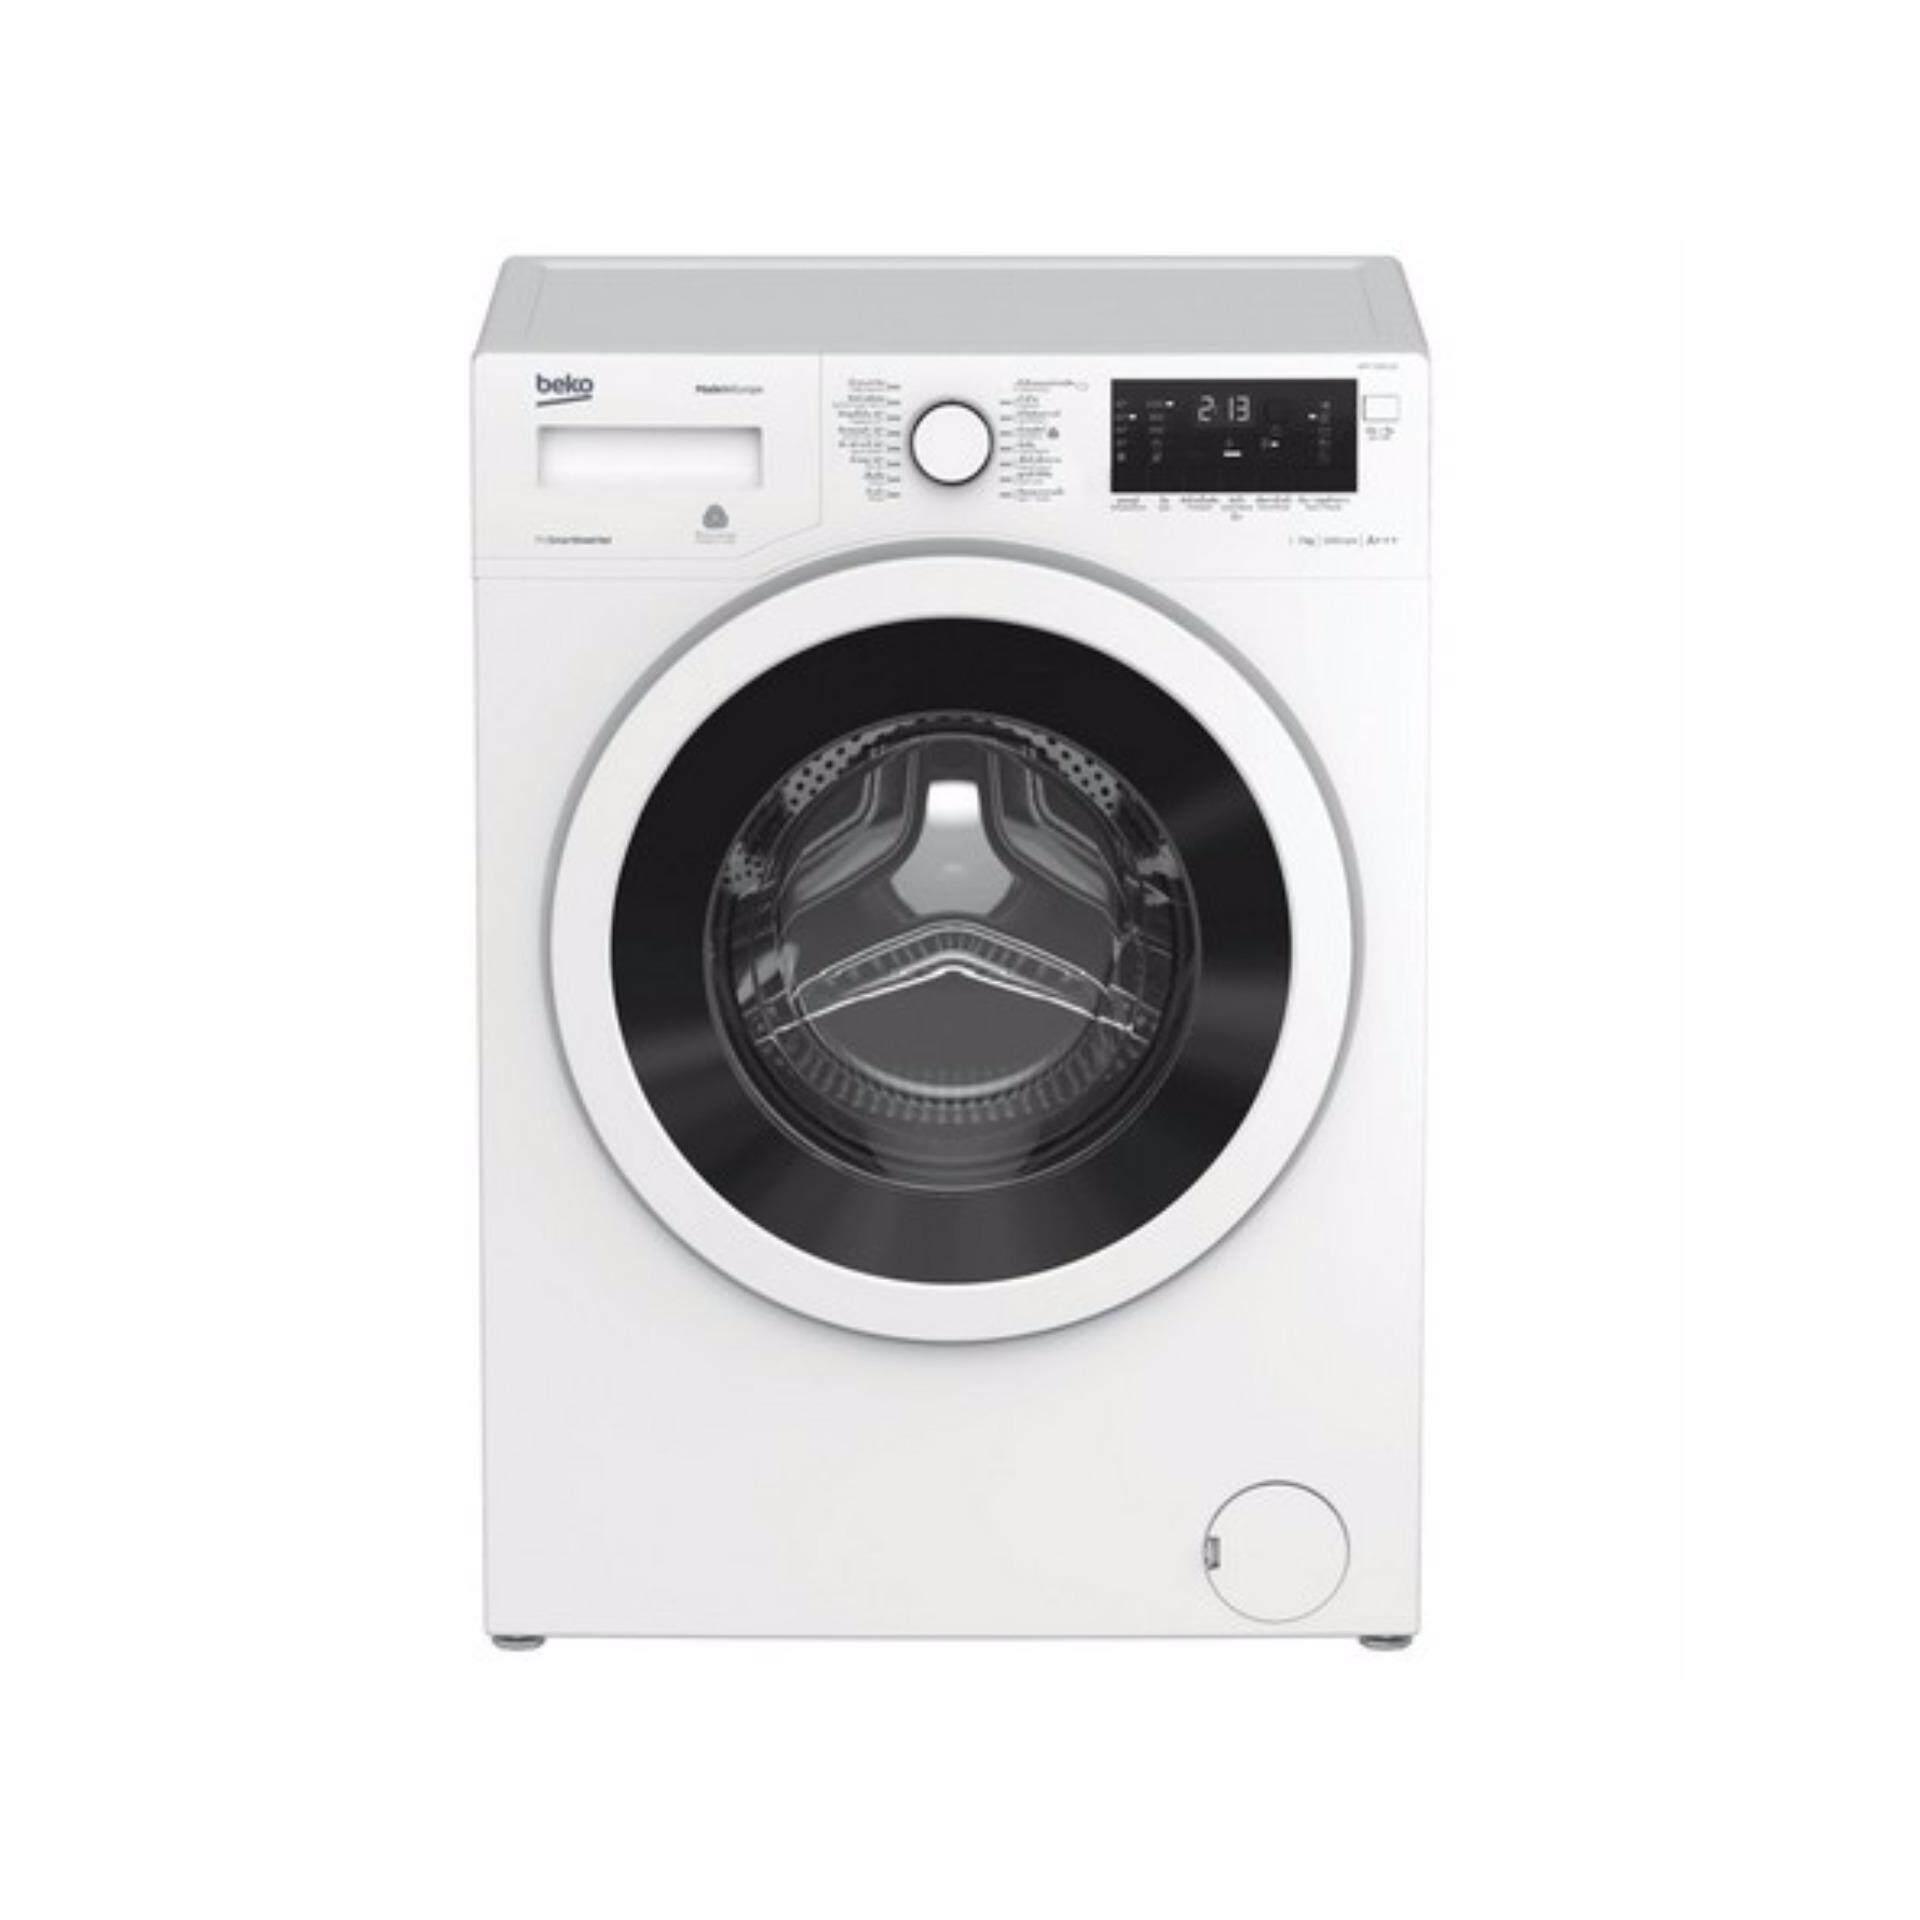 คูปอง เครื่องซักผ้า Panasonic Sale -13% PANASONIC เครื่องซักผ้า 1 ถัง 12.5 KG. รุ่น NA-F125A4HRC ถูกกว่านี้ไม่มีอีกแล้ว